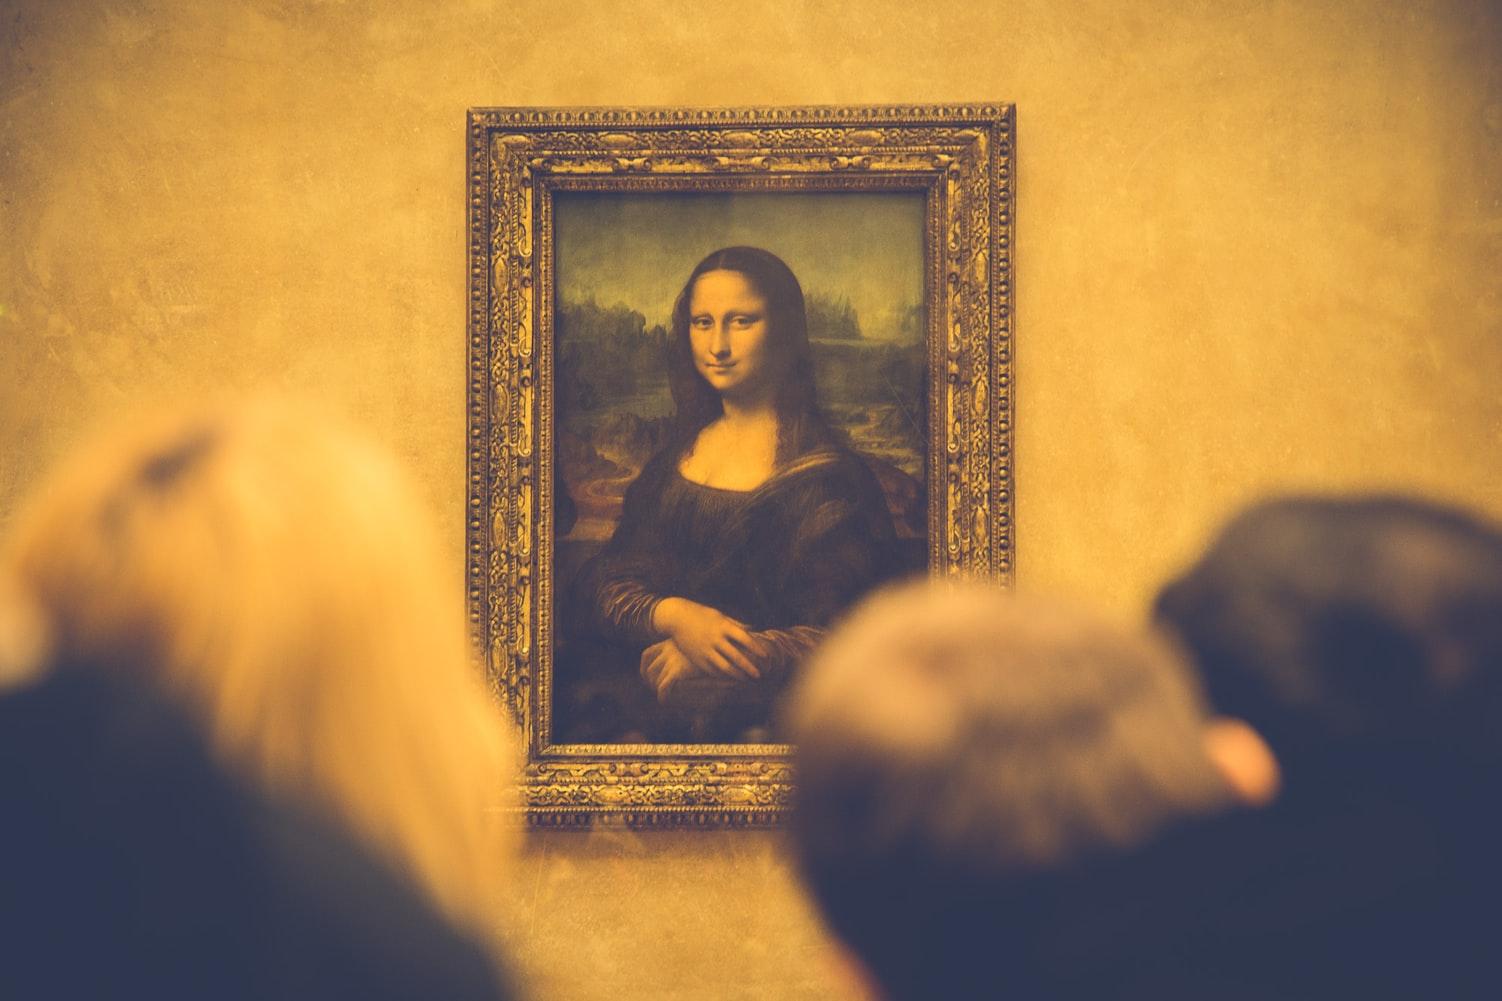 Šifra mistra Leonarda? V očích Mony Lisy nalezeny záhadné symboly